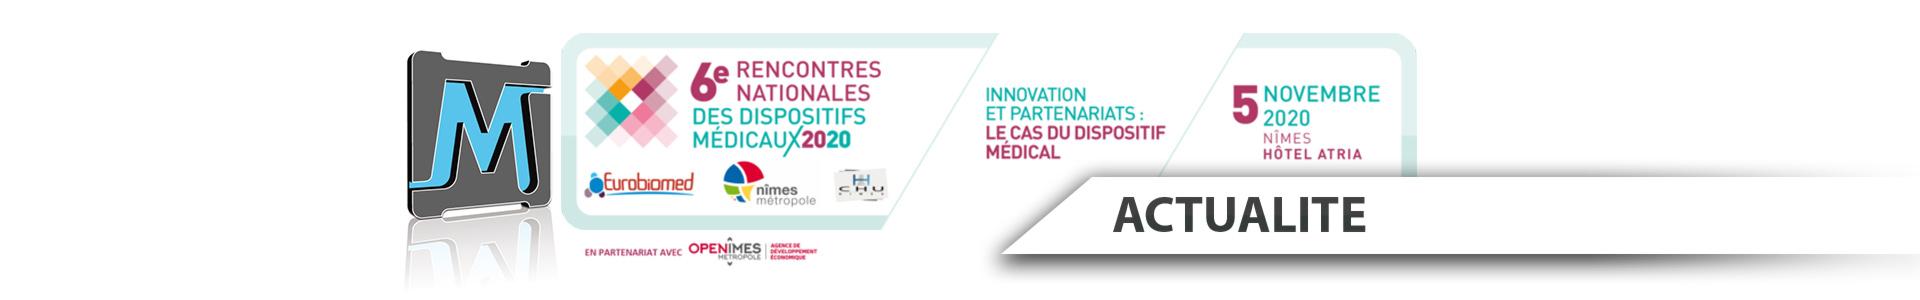 Titre pour les rencontres nationales des dispositifs médicaux 2020